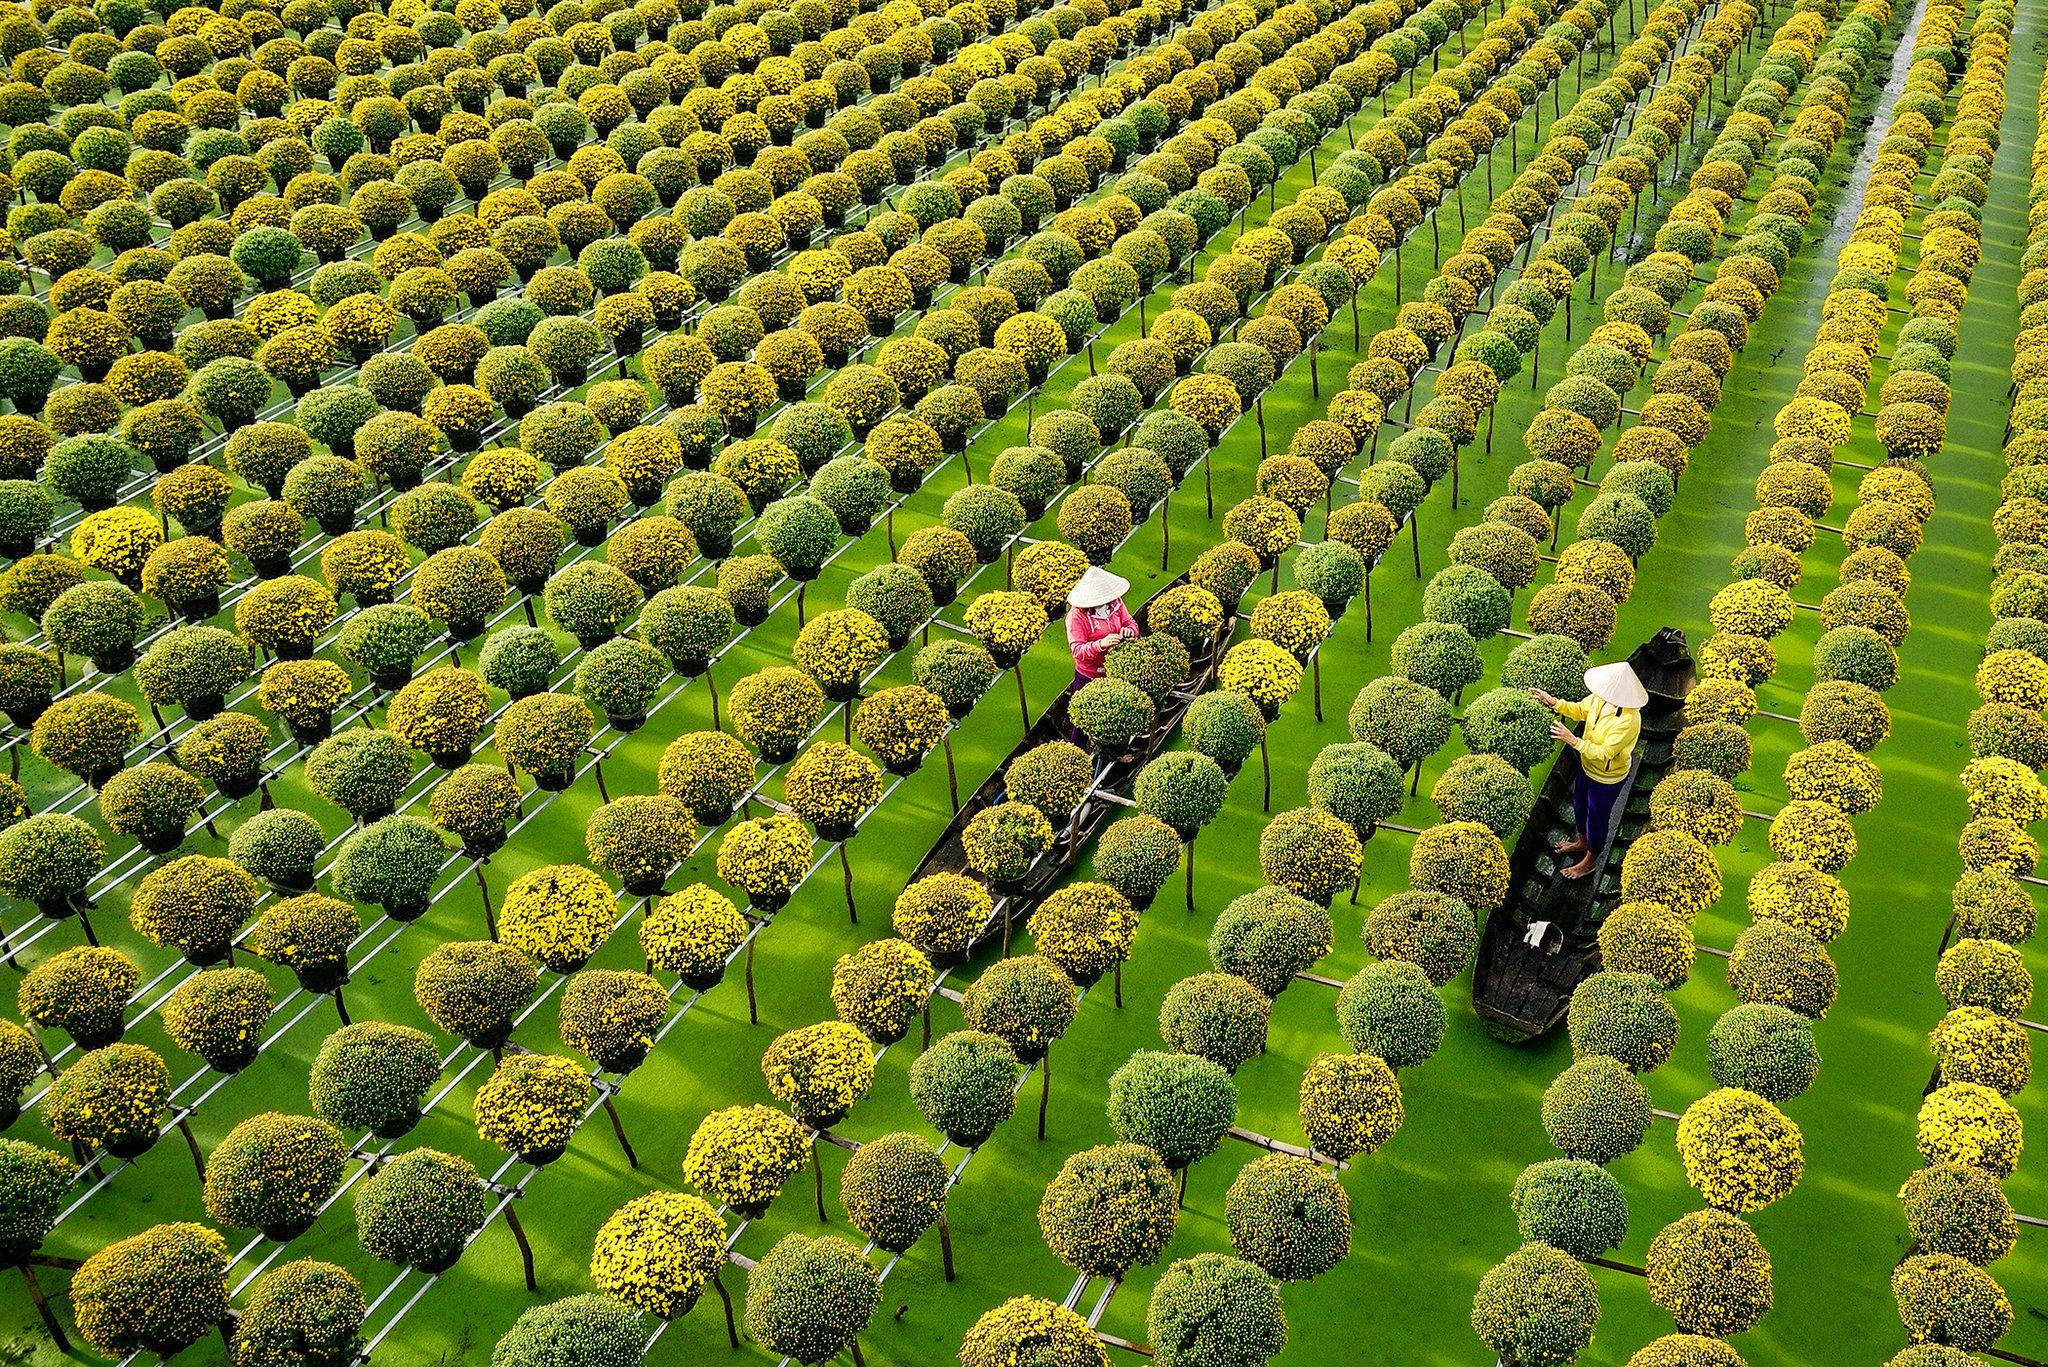 Tỉnh Đồng Tháp nổi danh với làng hoa Sa Đéc